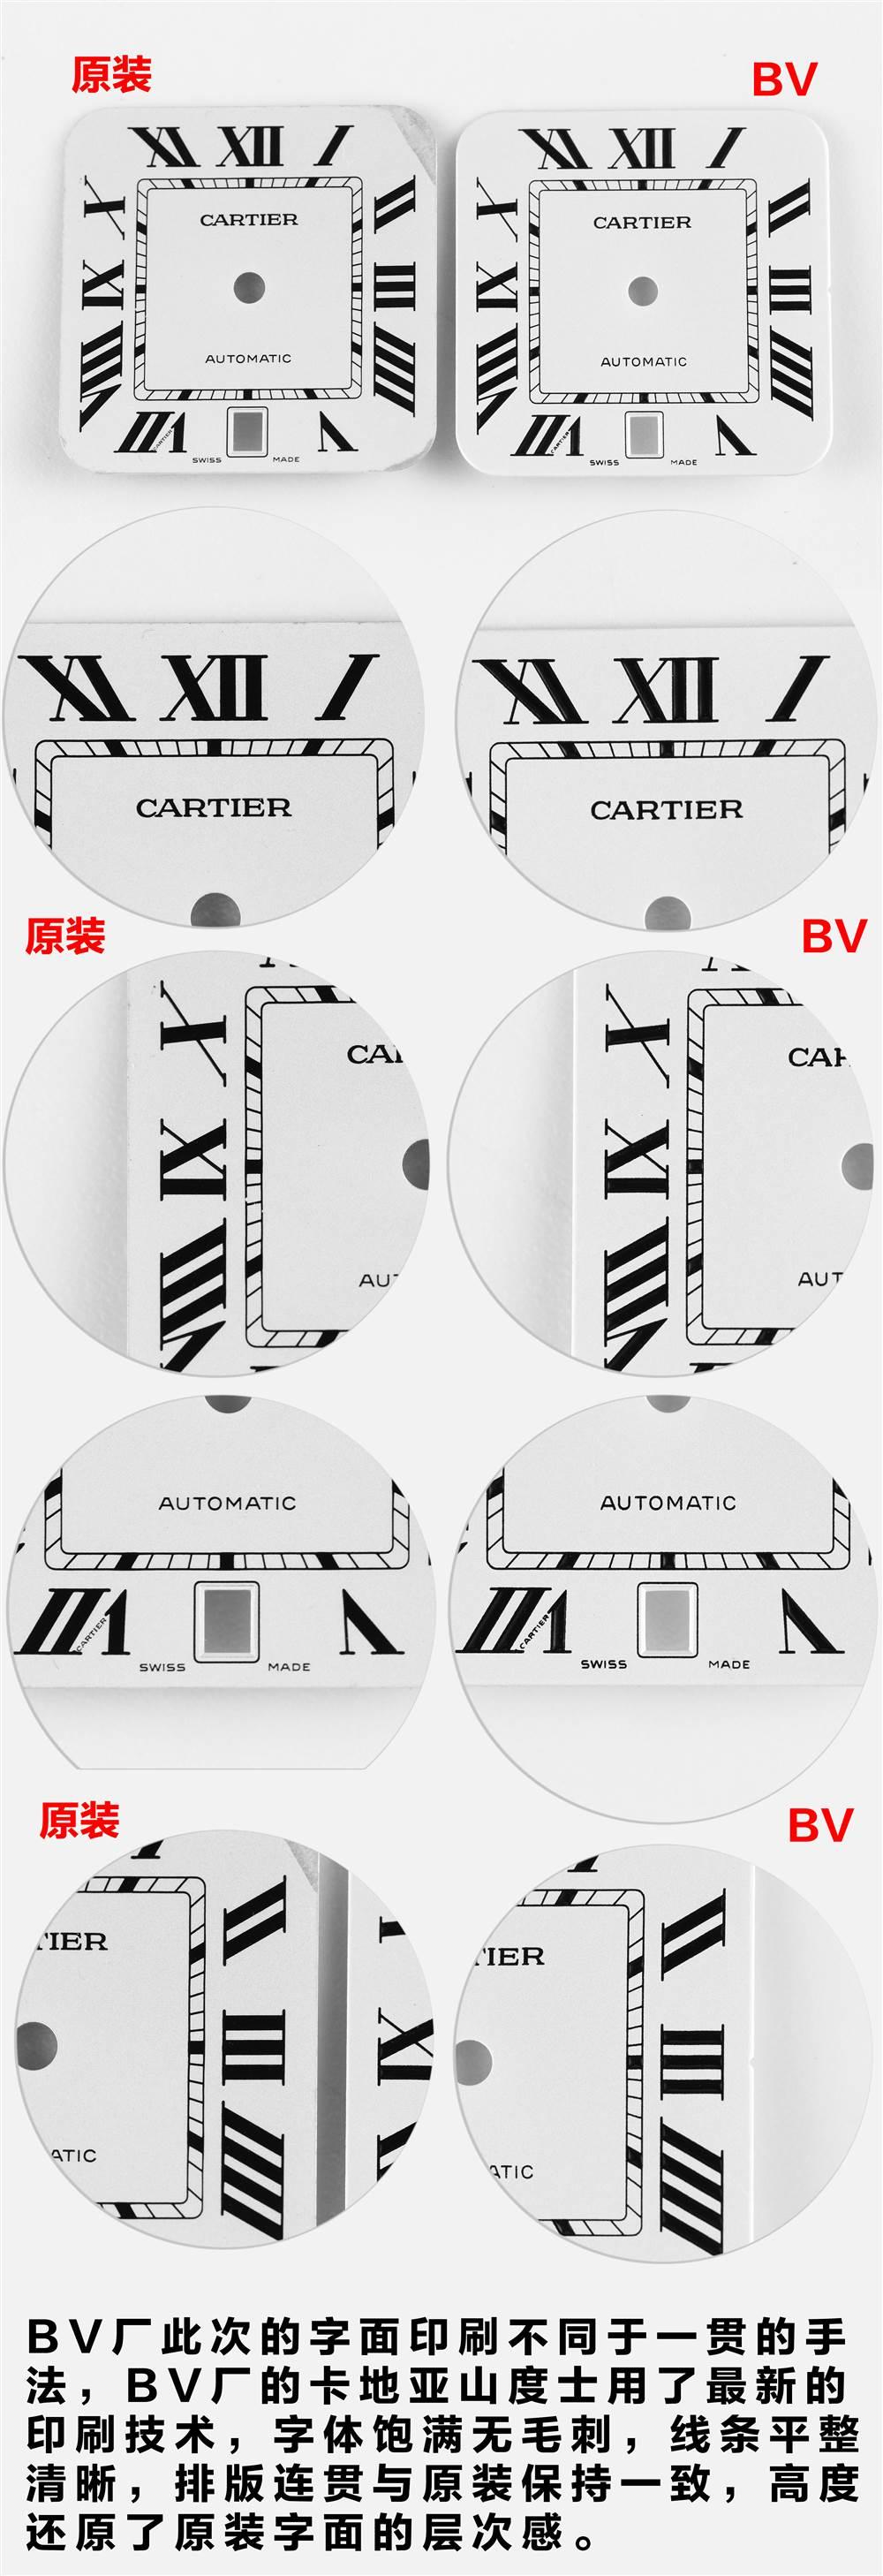 BV厂卡地亚山度士VS正品卡地亚山度士-「真假对比评测」 第2张